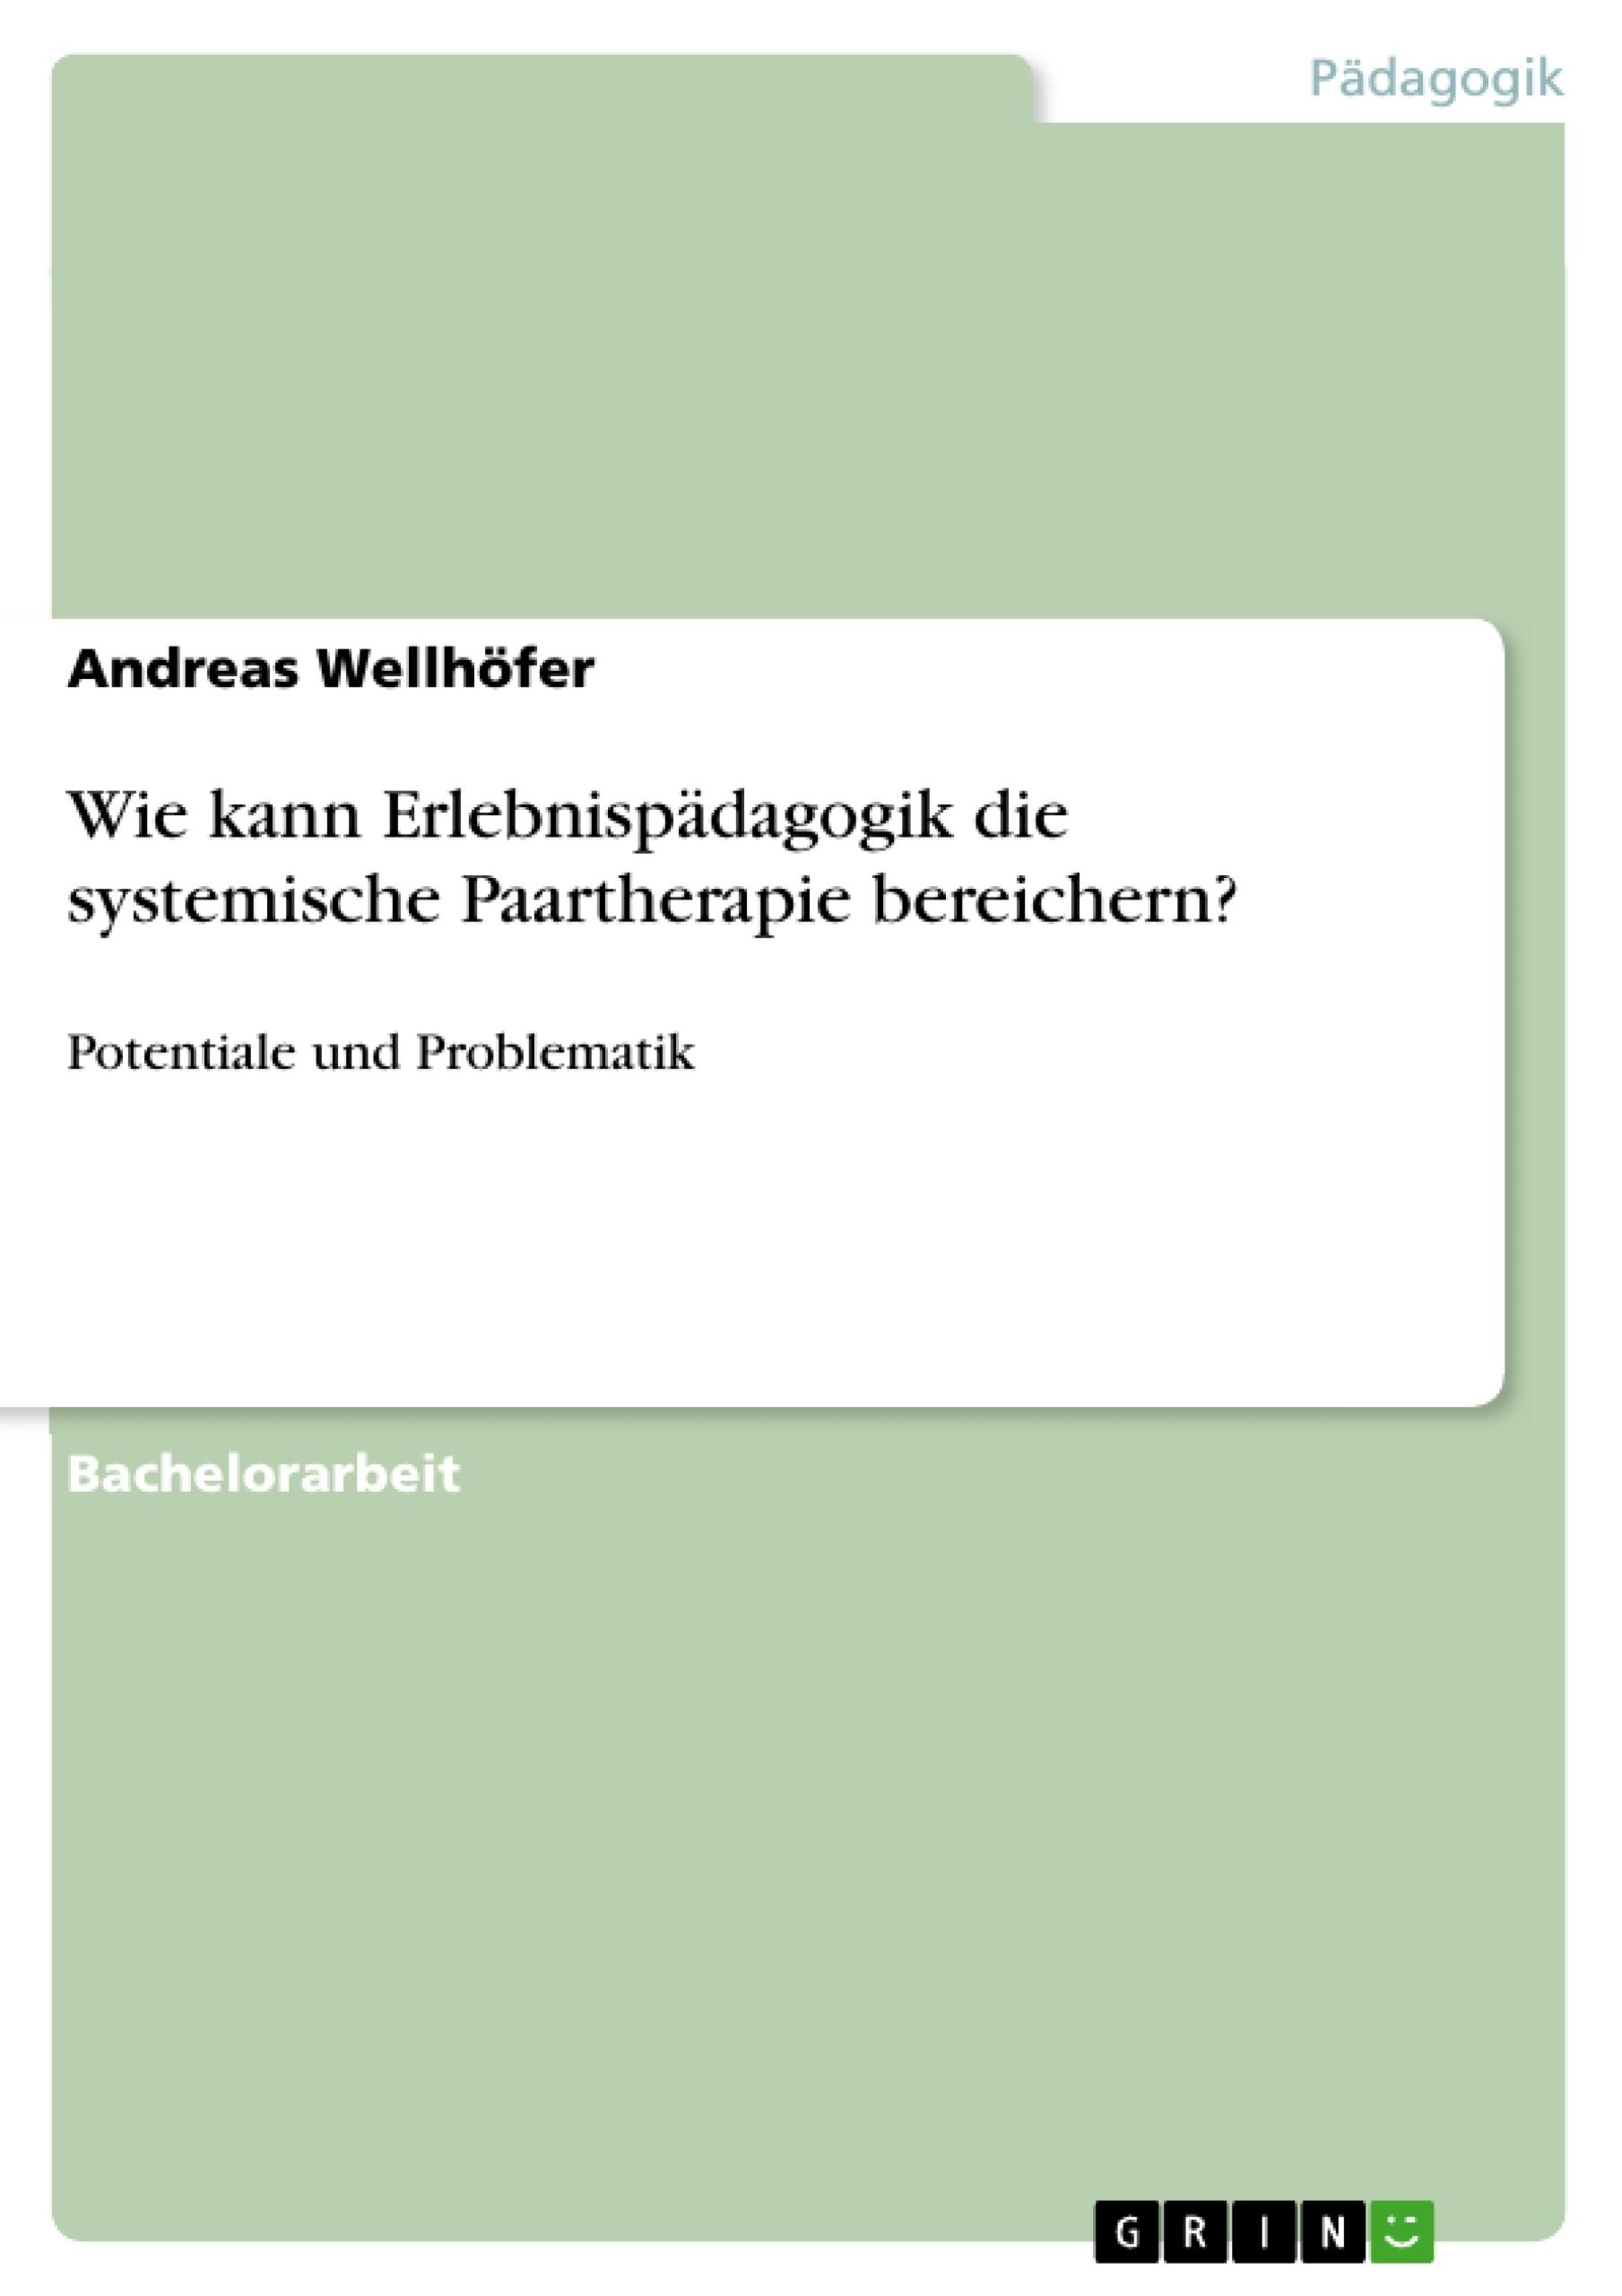 Titel: Wie kann Erlebnispädagogik die systemische Paartherapie bereichern?